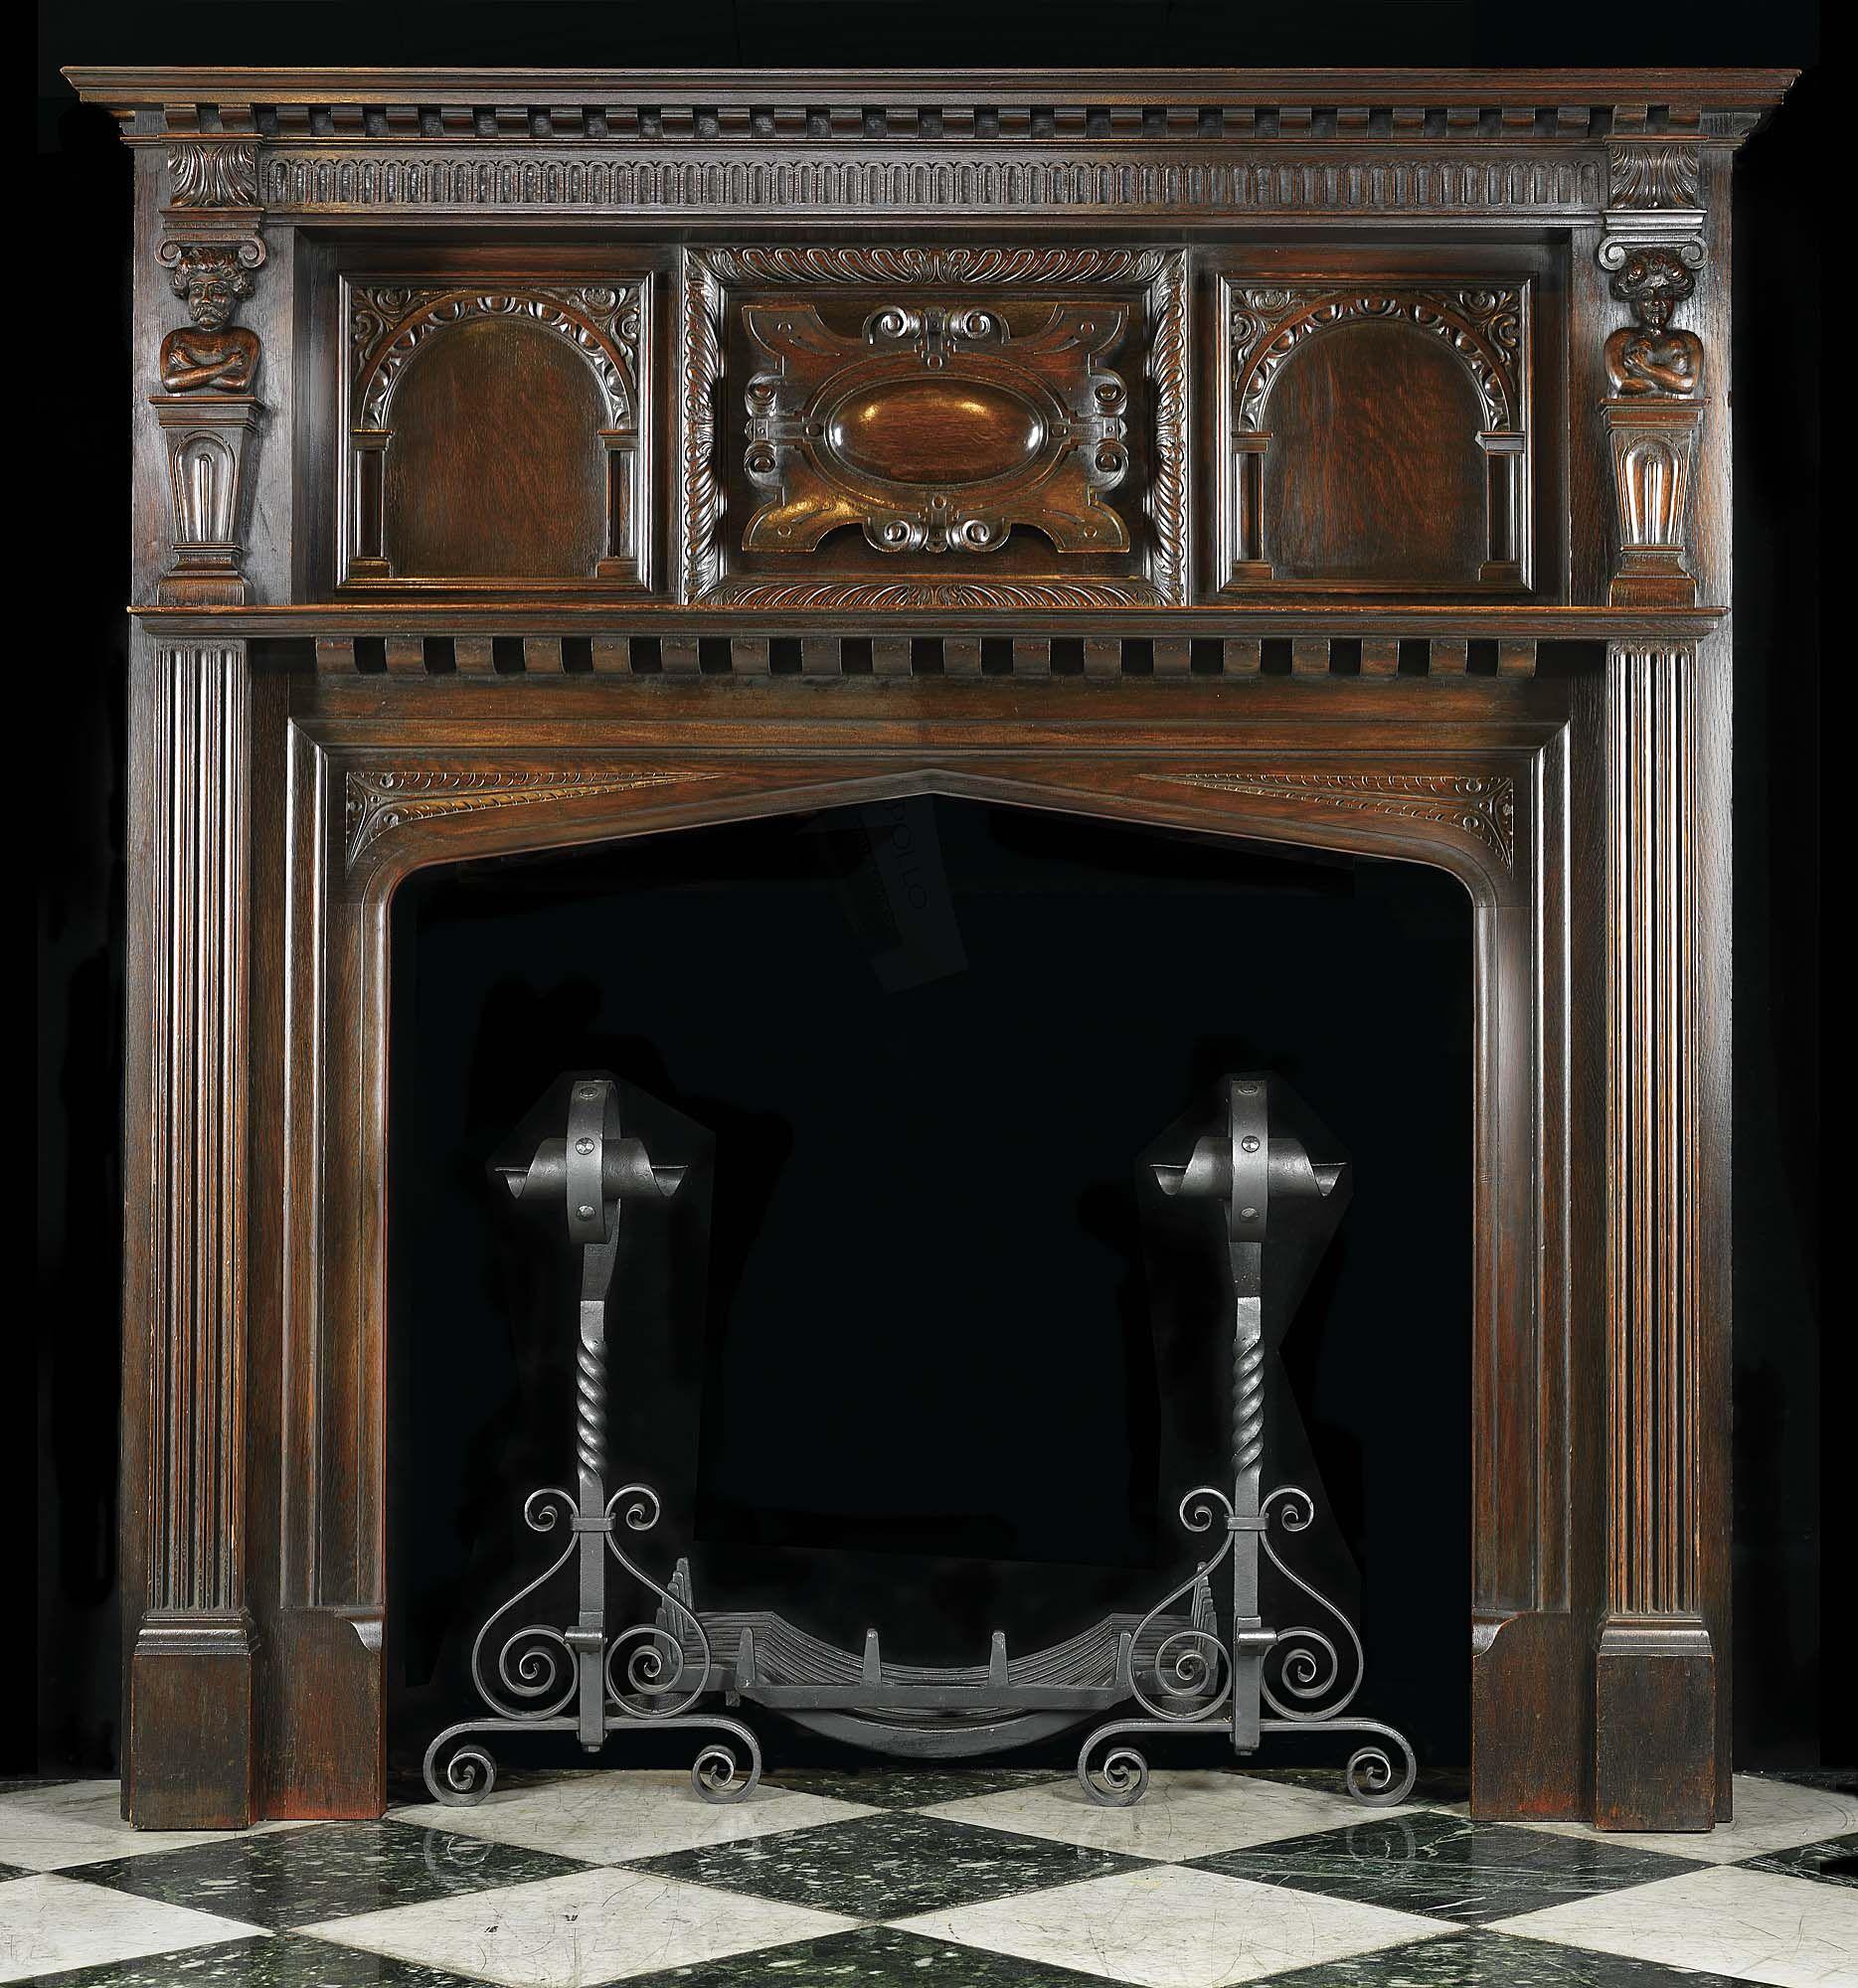 Unique Fireplace Mantels antique fireplace mantel décor - http://www.skysangels/antique